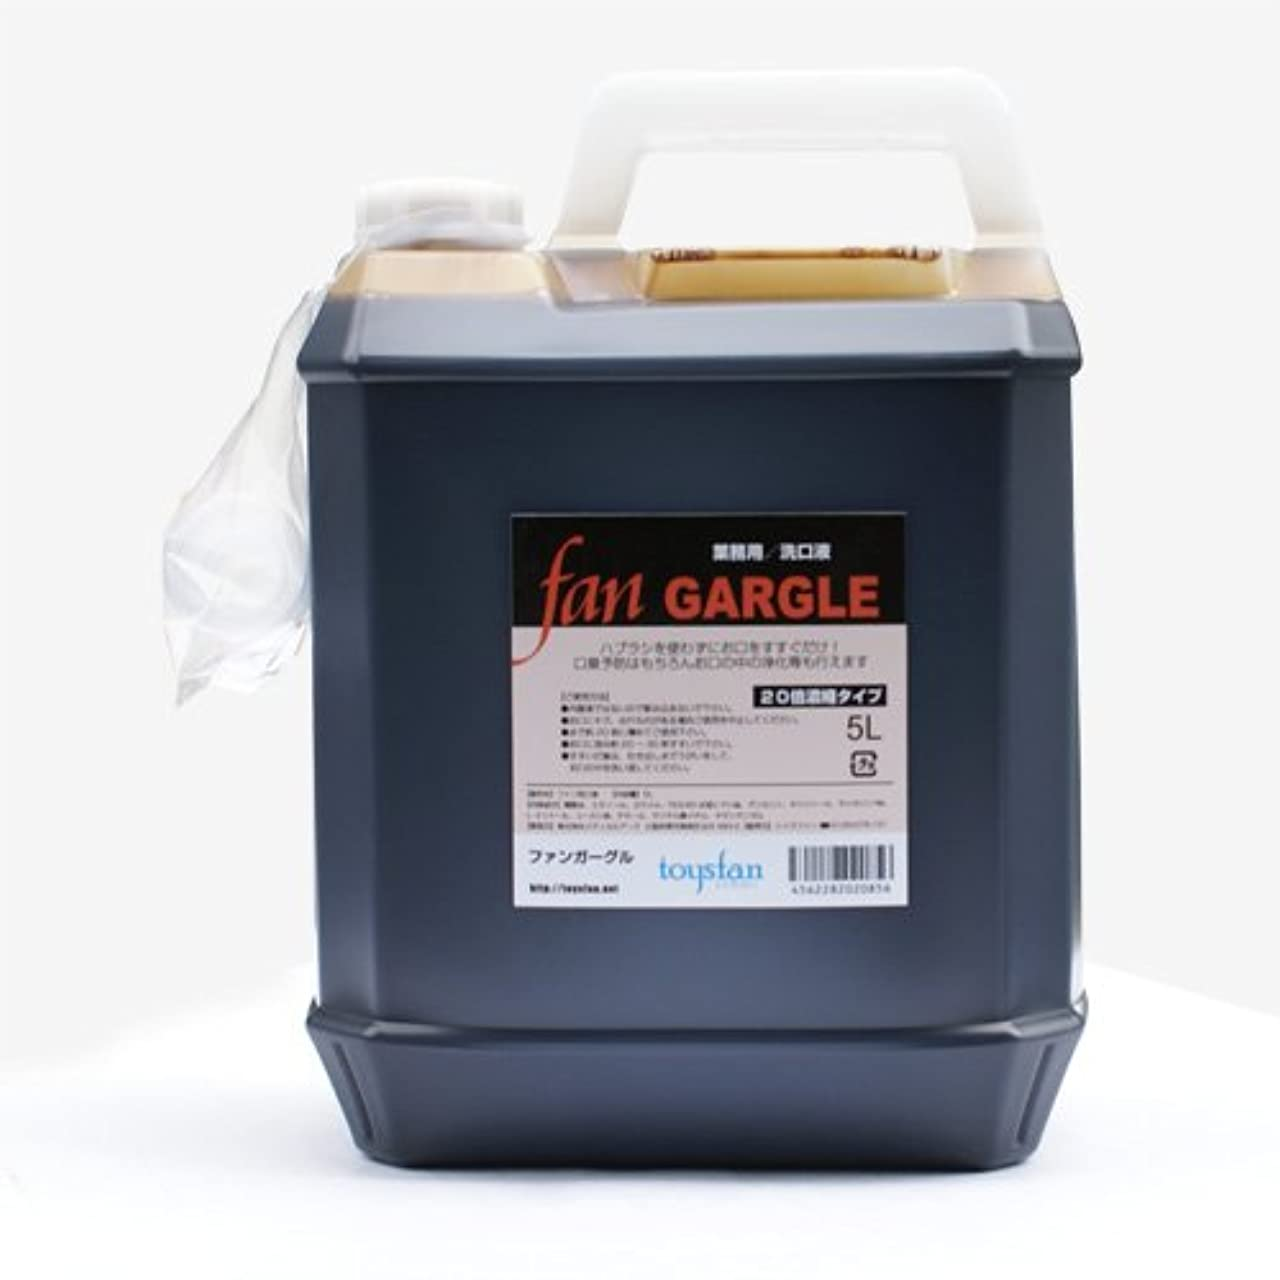 負荷ウォルターカニンガム喜んでファンガーグル 5L(20倍濃縮)業務用洗口液